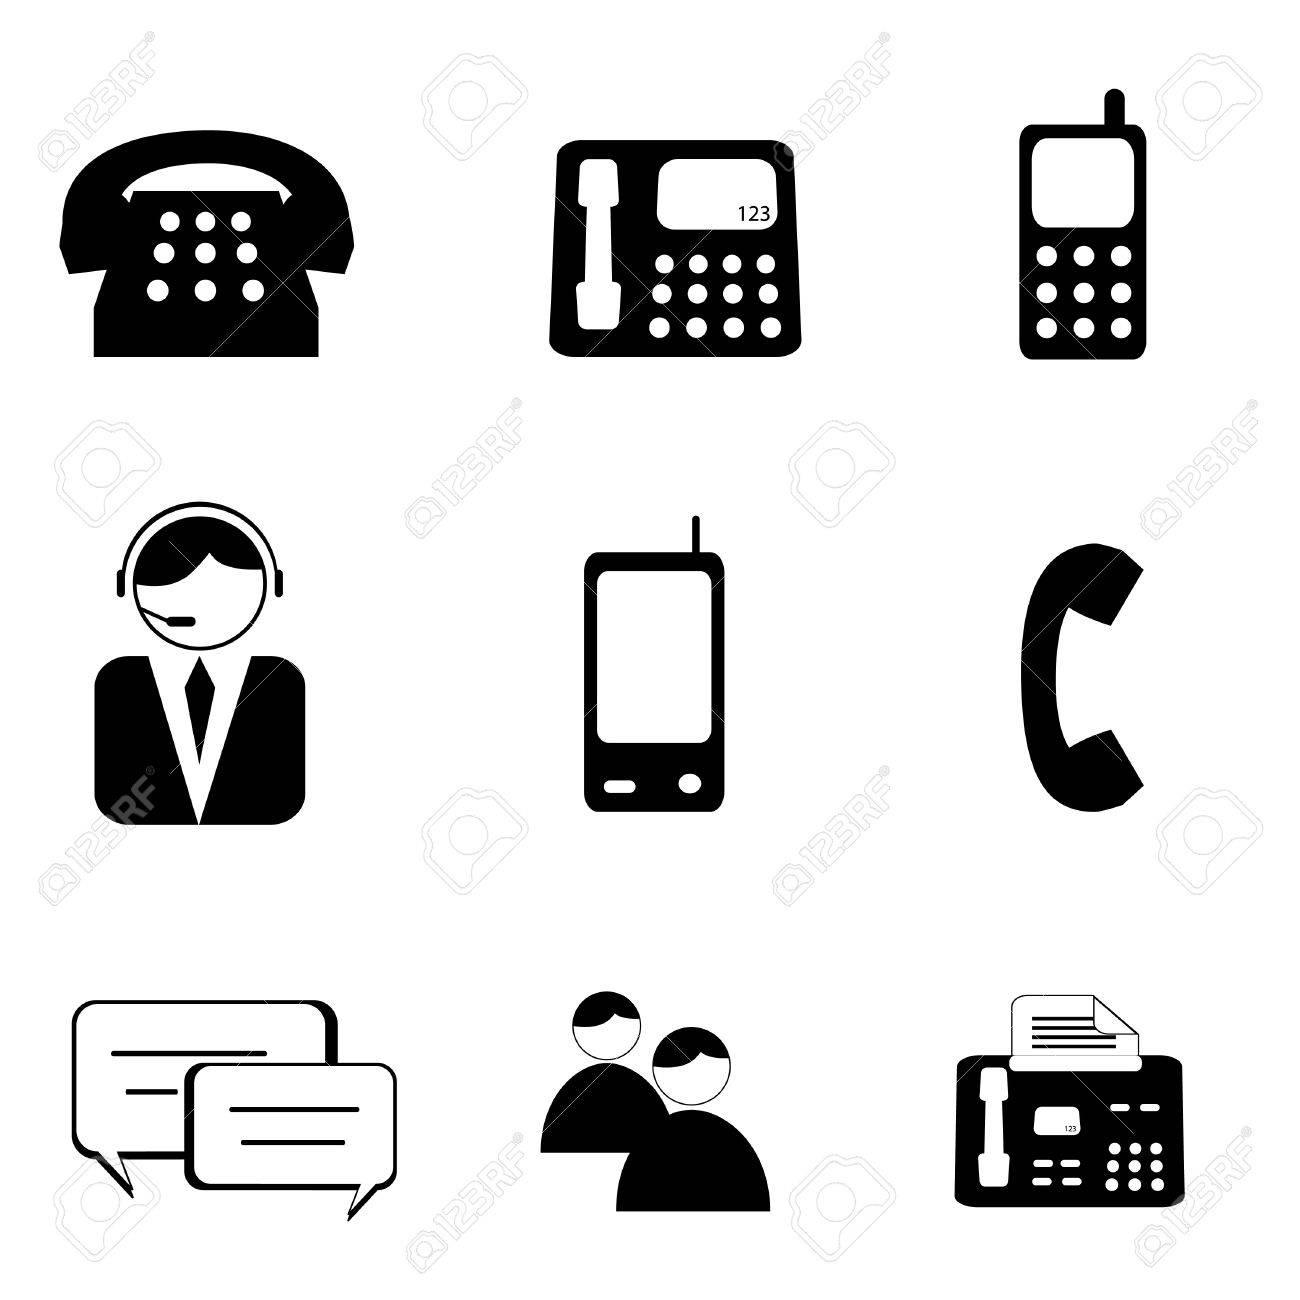 Telephone and communication icon set - 8386850